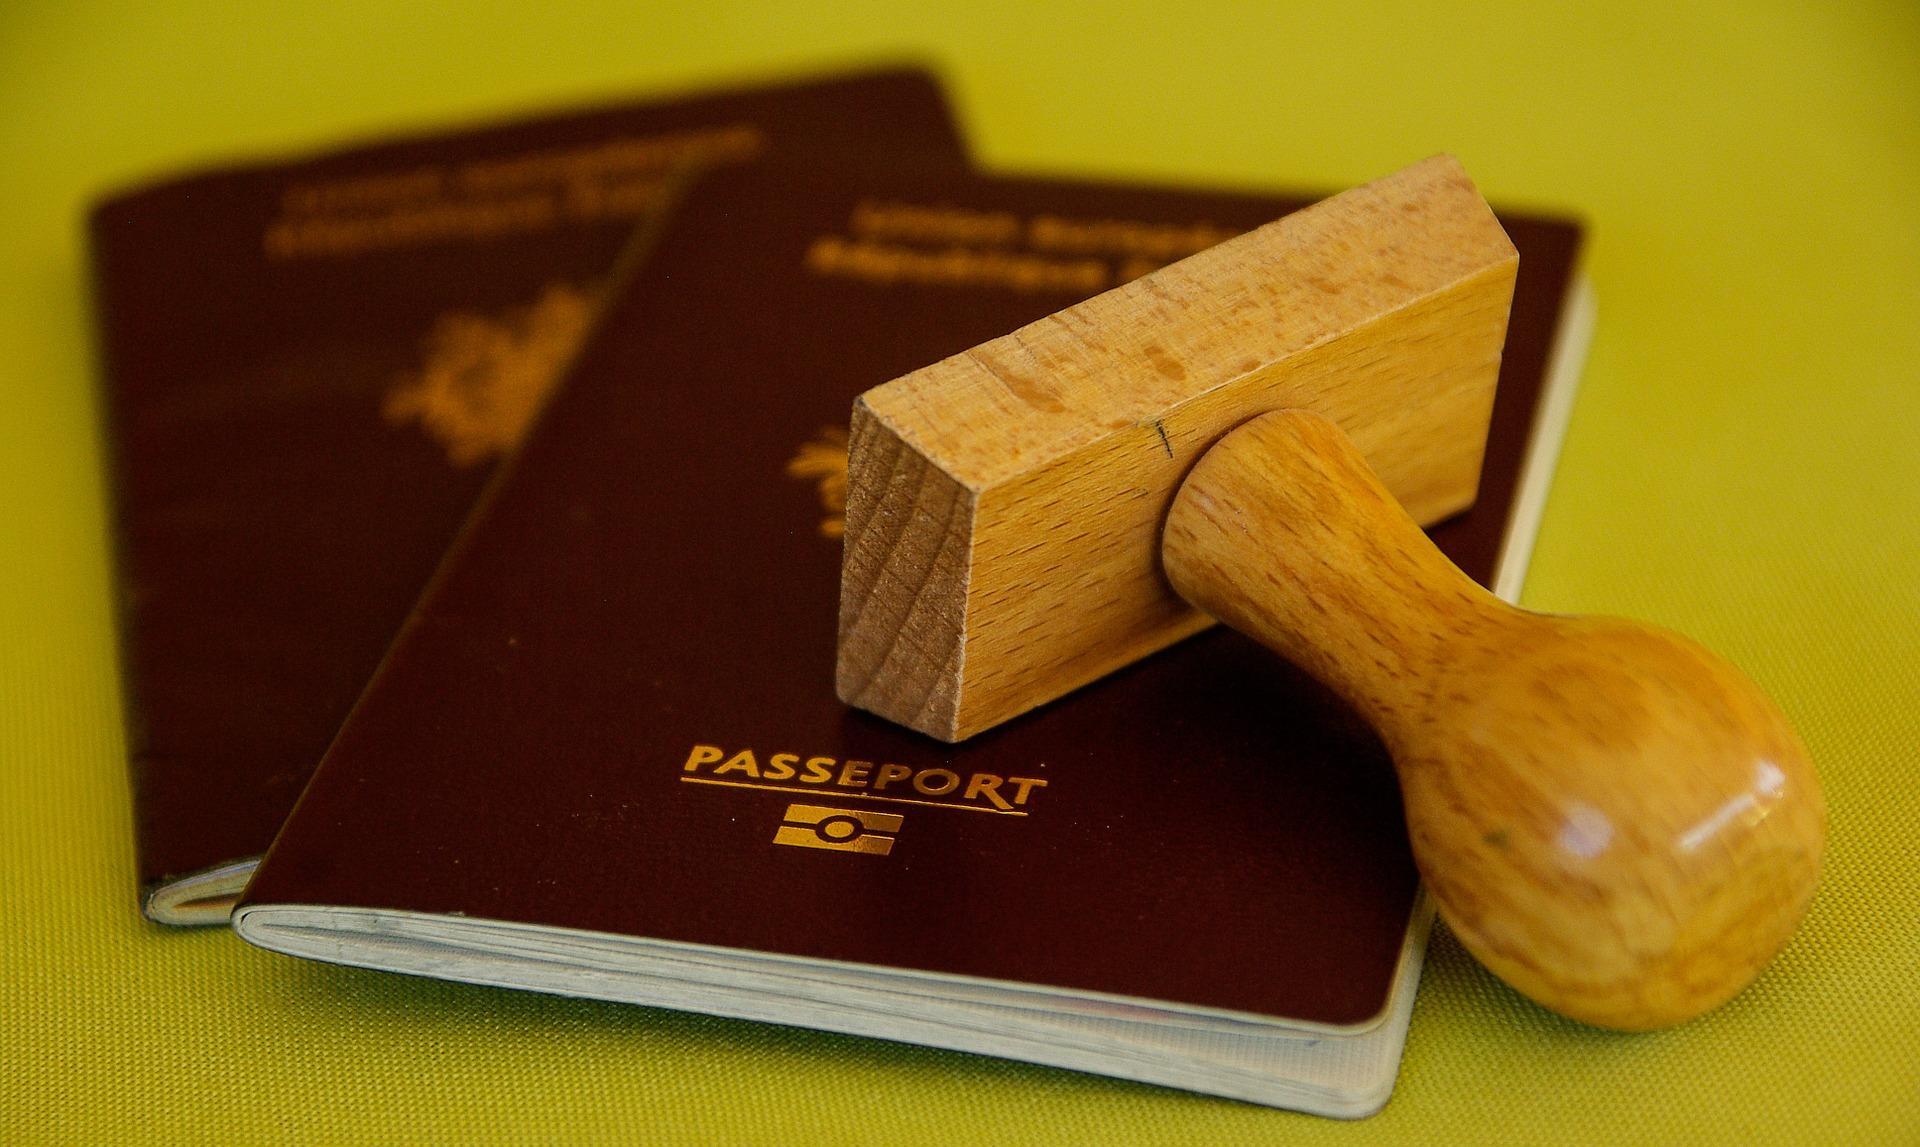 СМИ: Россияне стали активнее интересоваться паспортами других стран